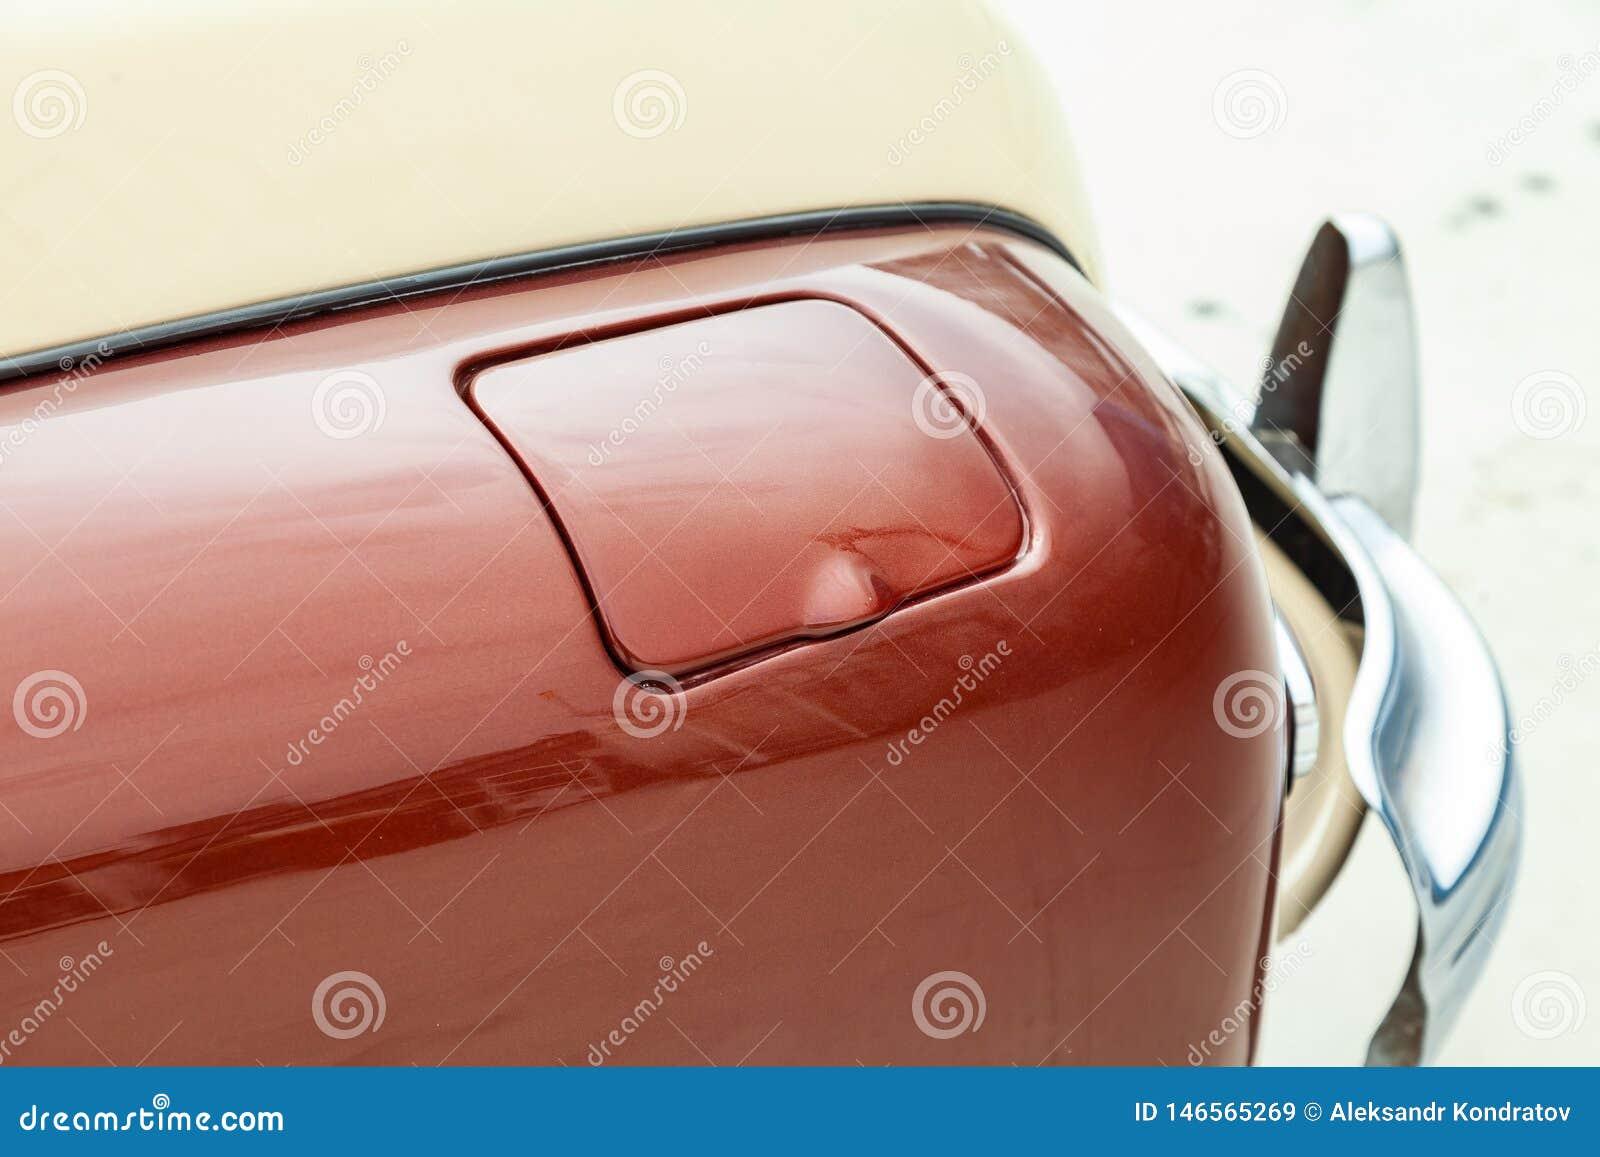 Opinión de la aleta del depósito de gasolina en del color marrón y beige después de limpiar antes de venta en un día soleado en e